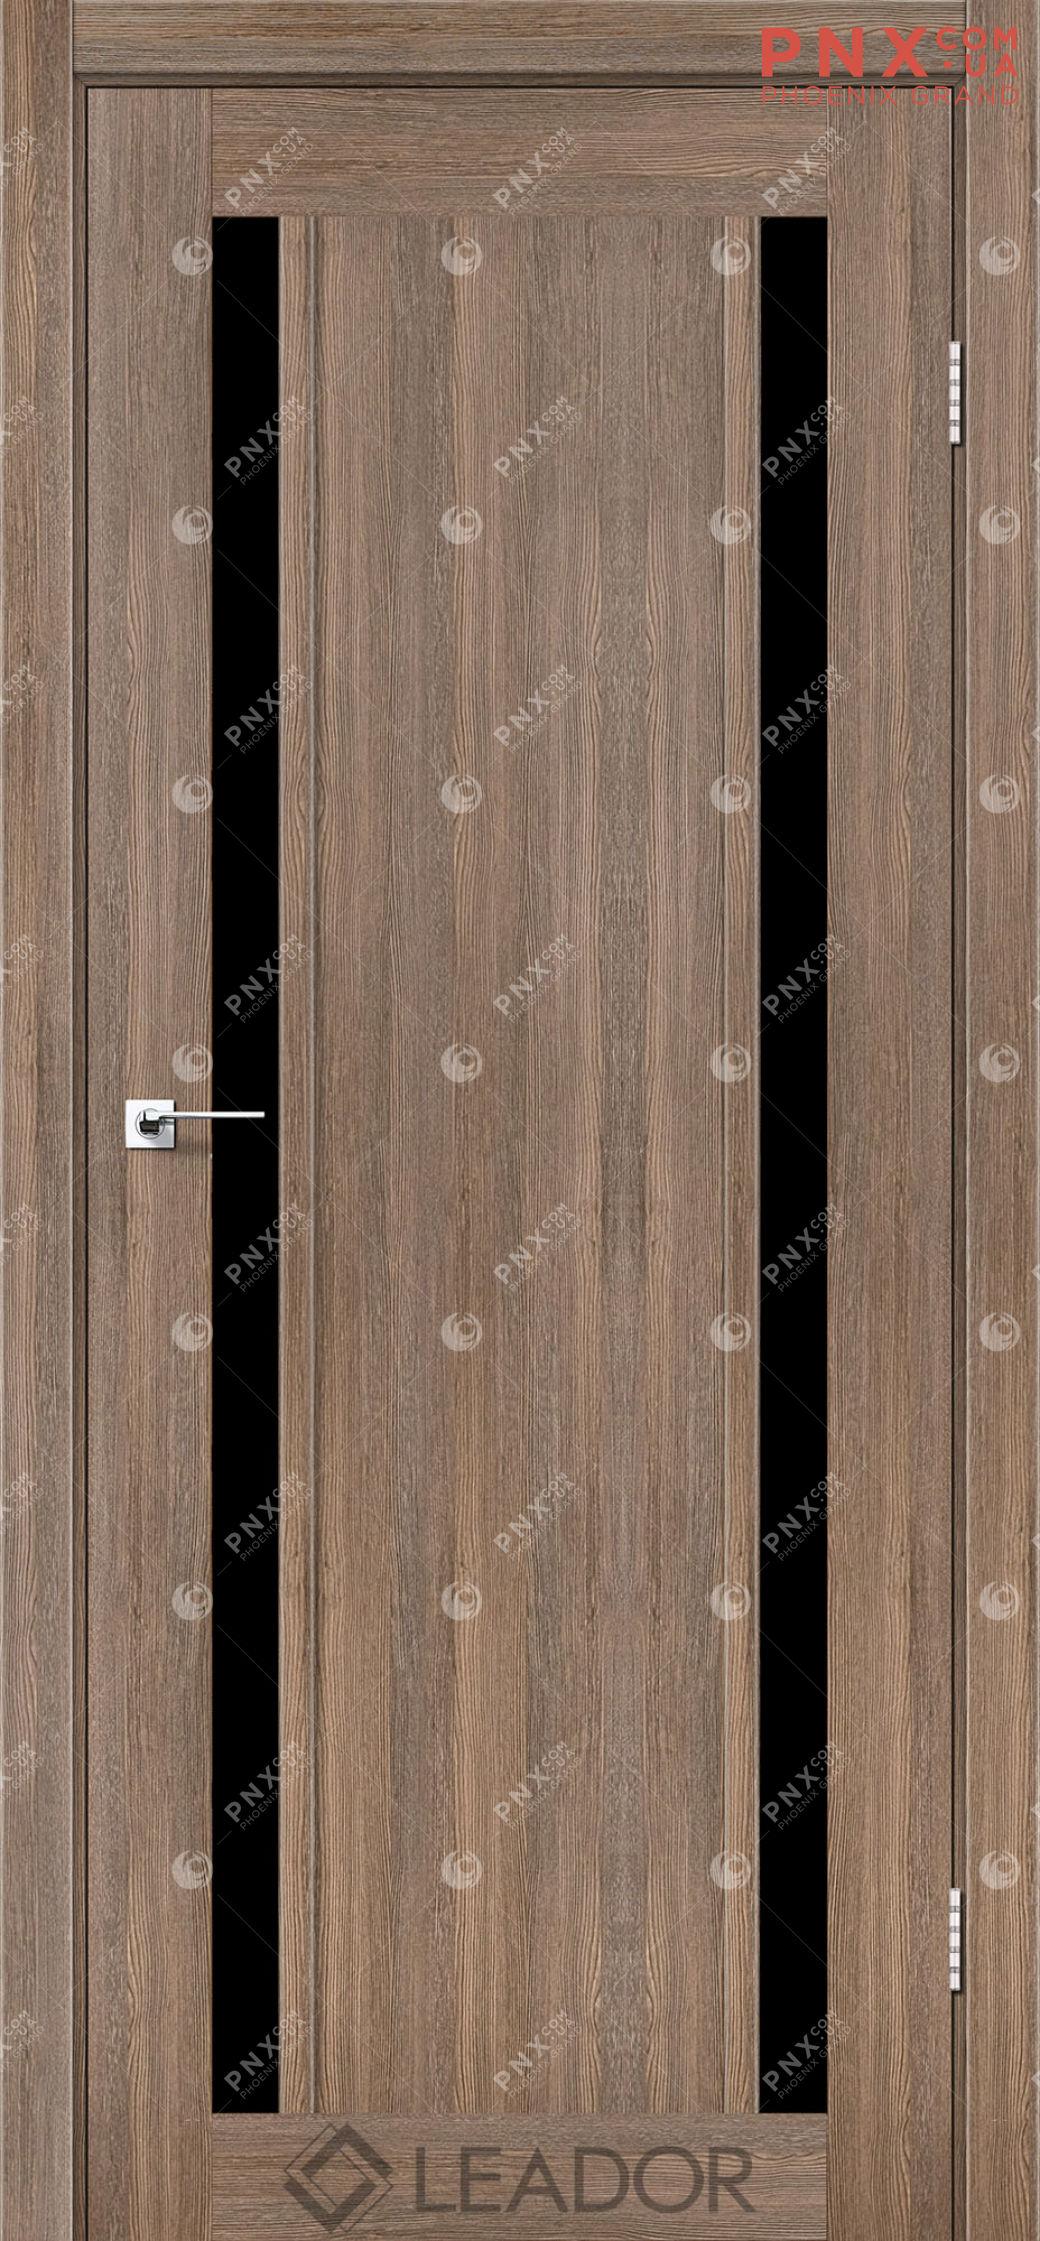 Межкомнатная дверь LEADOR Catania, Серое дерево, Черное стекло